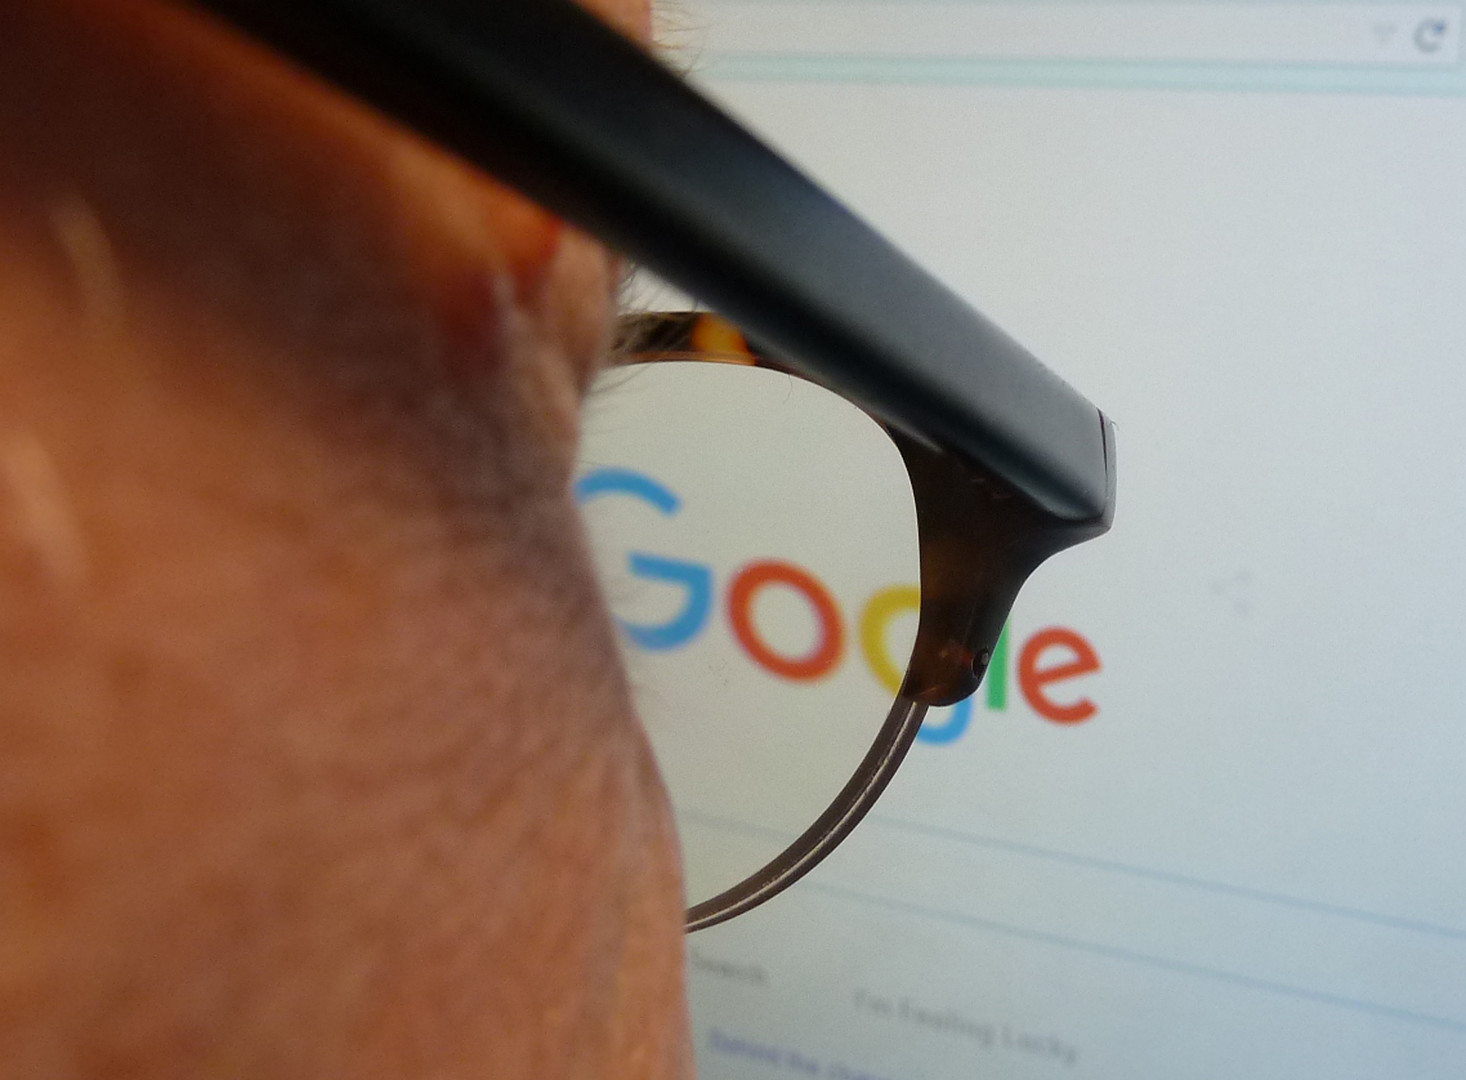 ОК, Google, а что такое ЕС? Выйдя из Евросоюза, британцы решили узнать о нём побольше